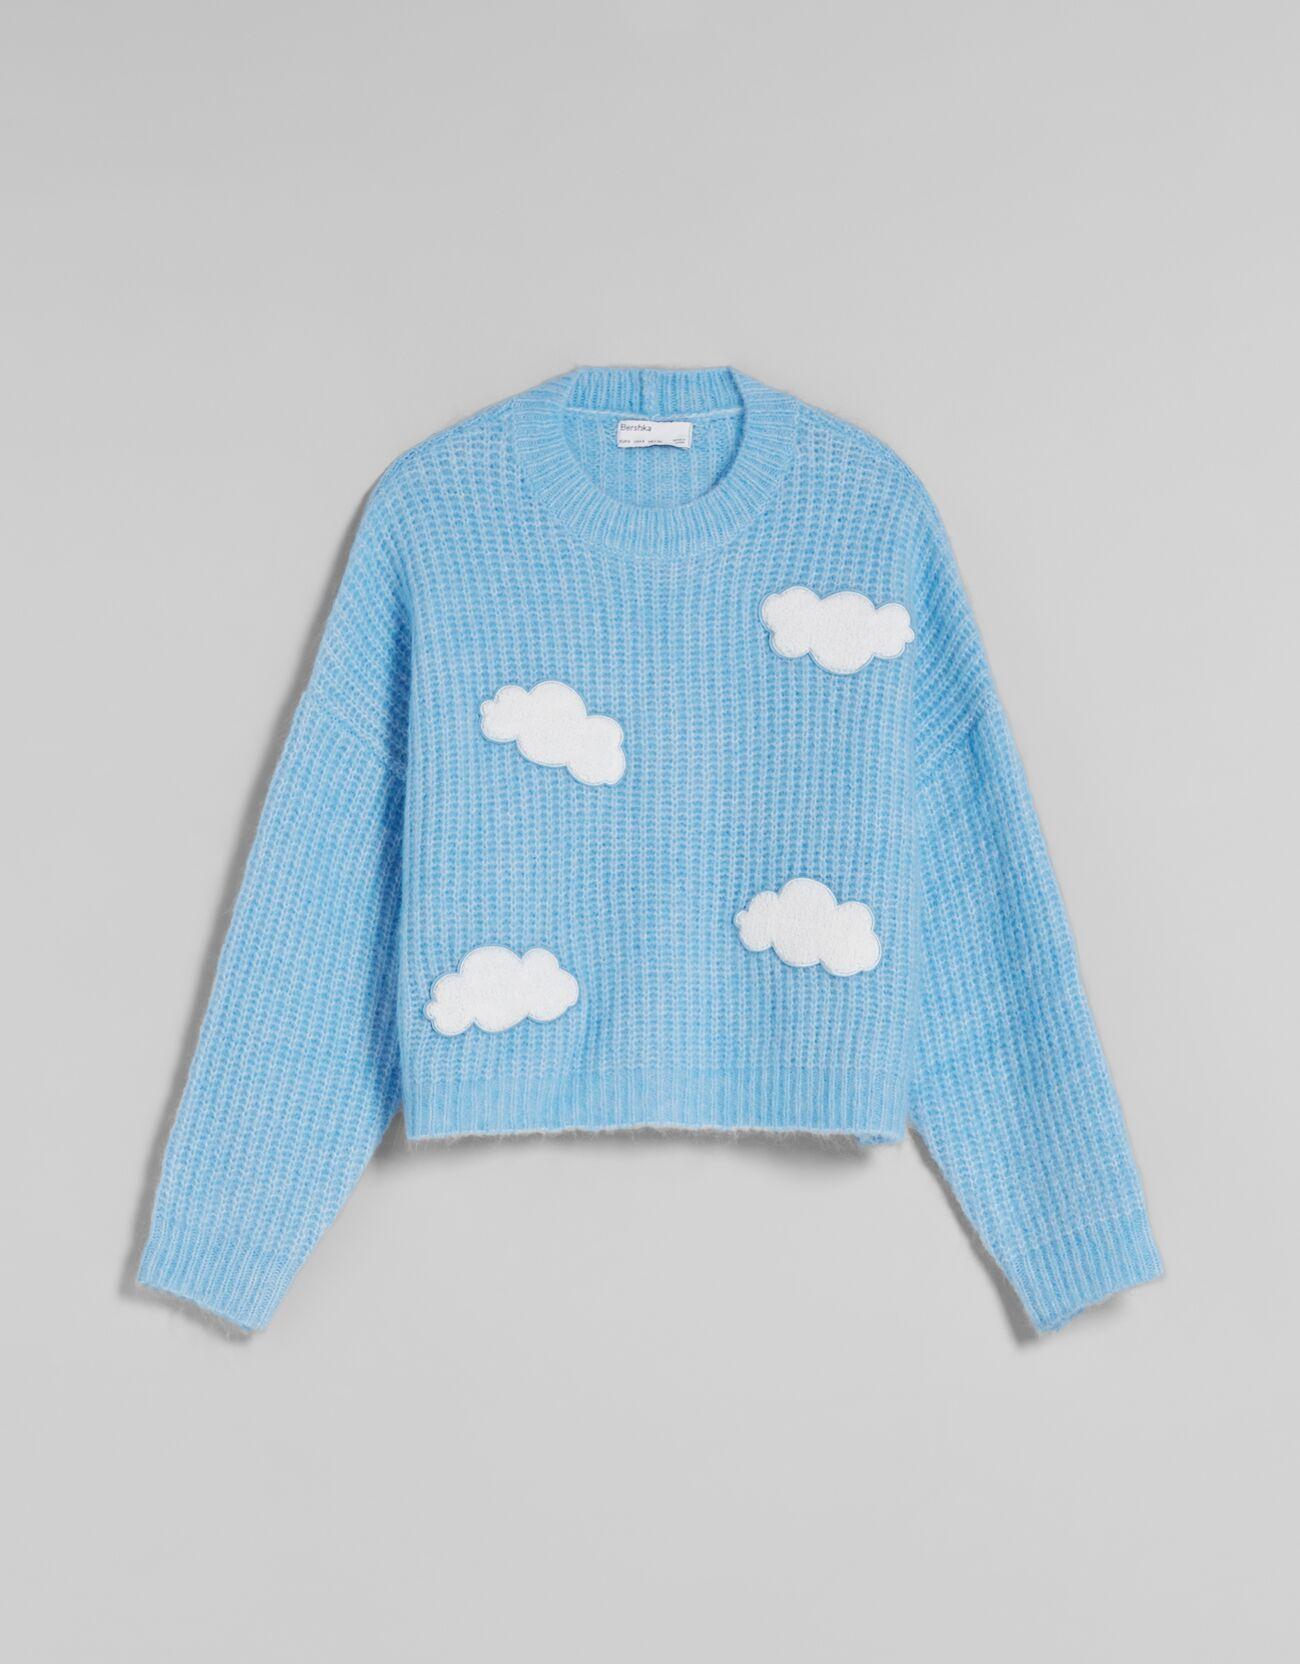 Jersey bordado nubes.